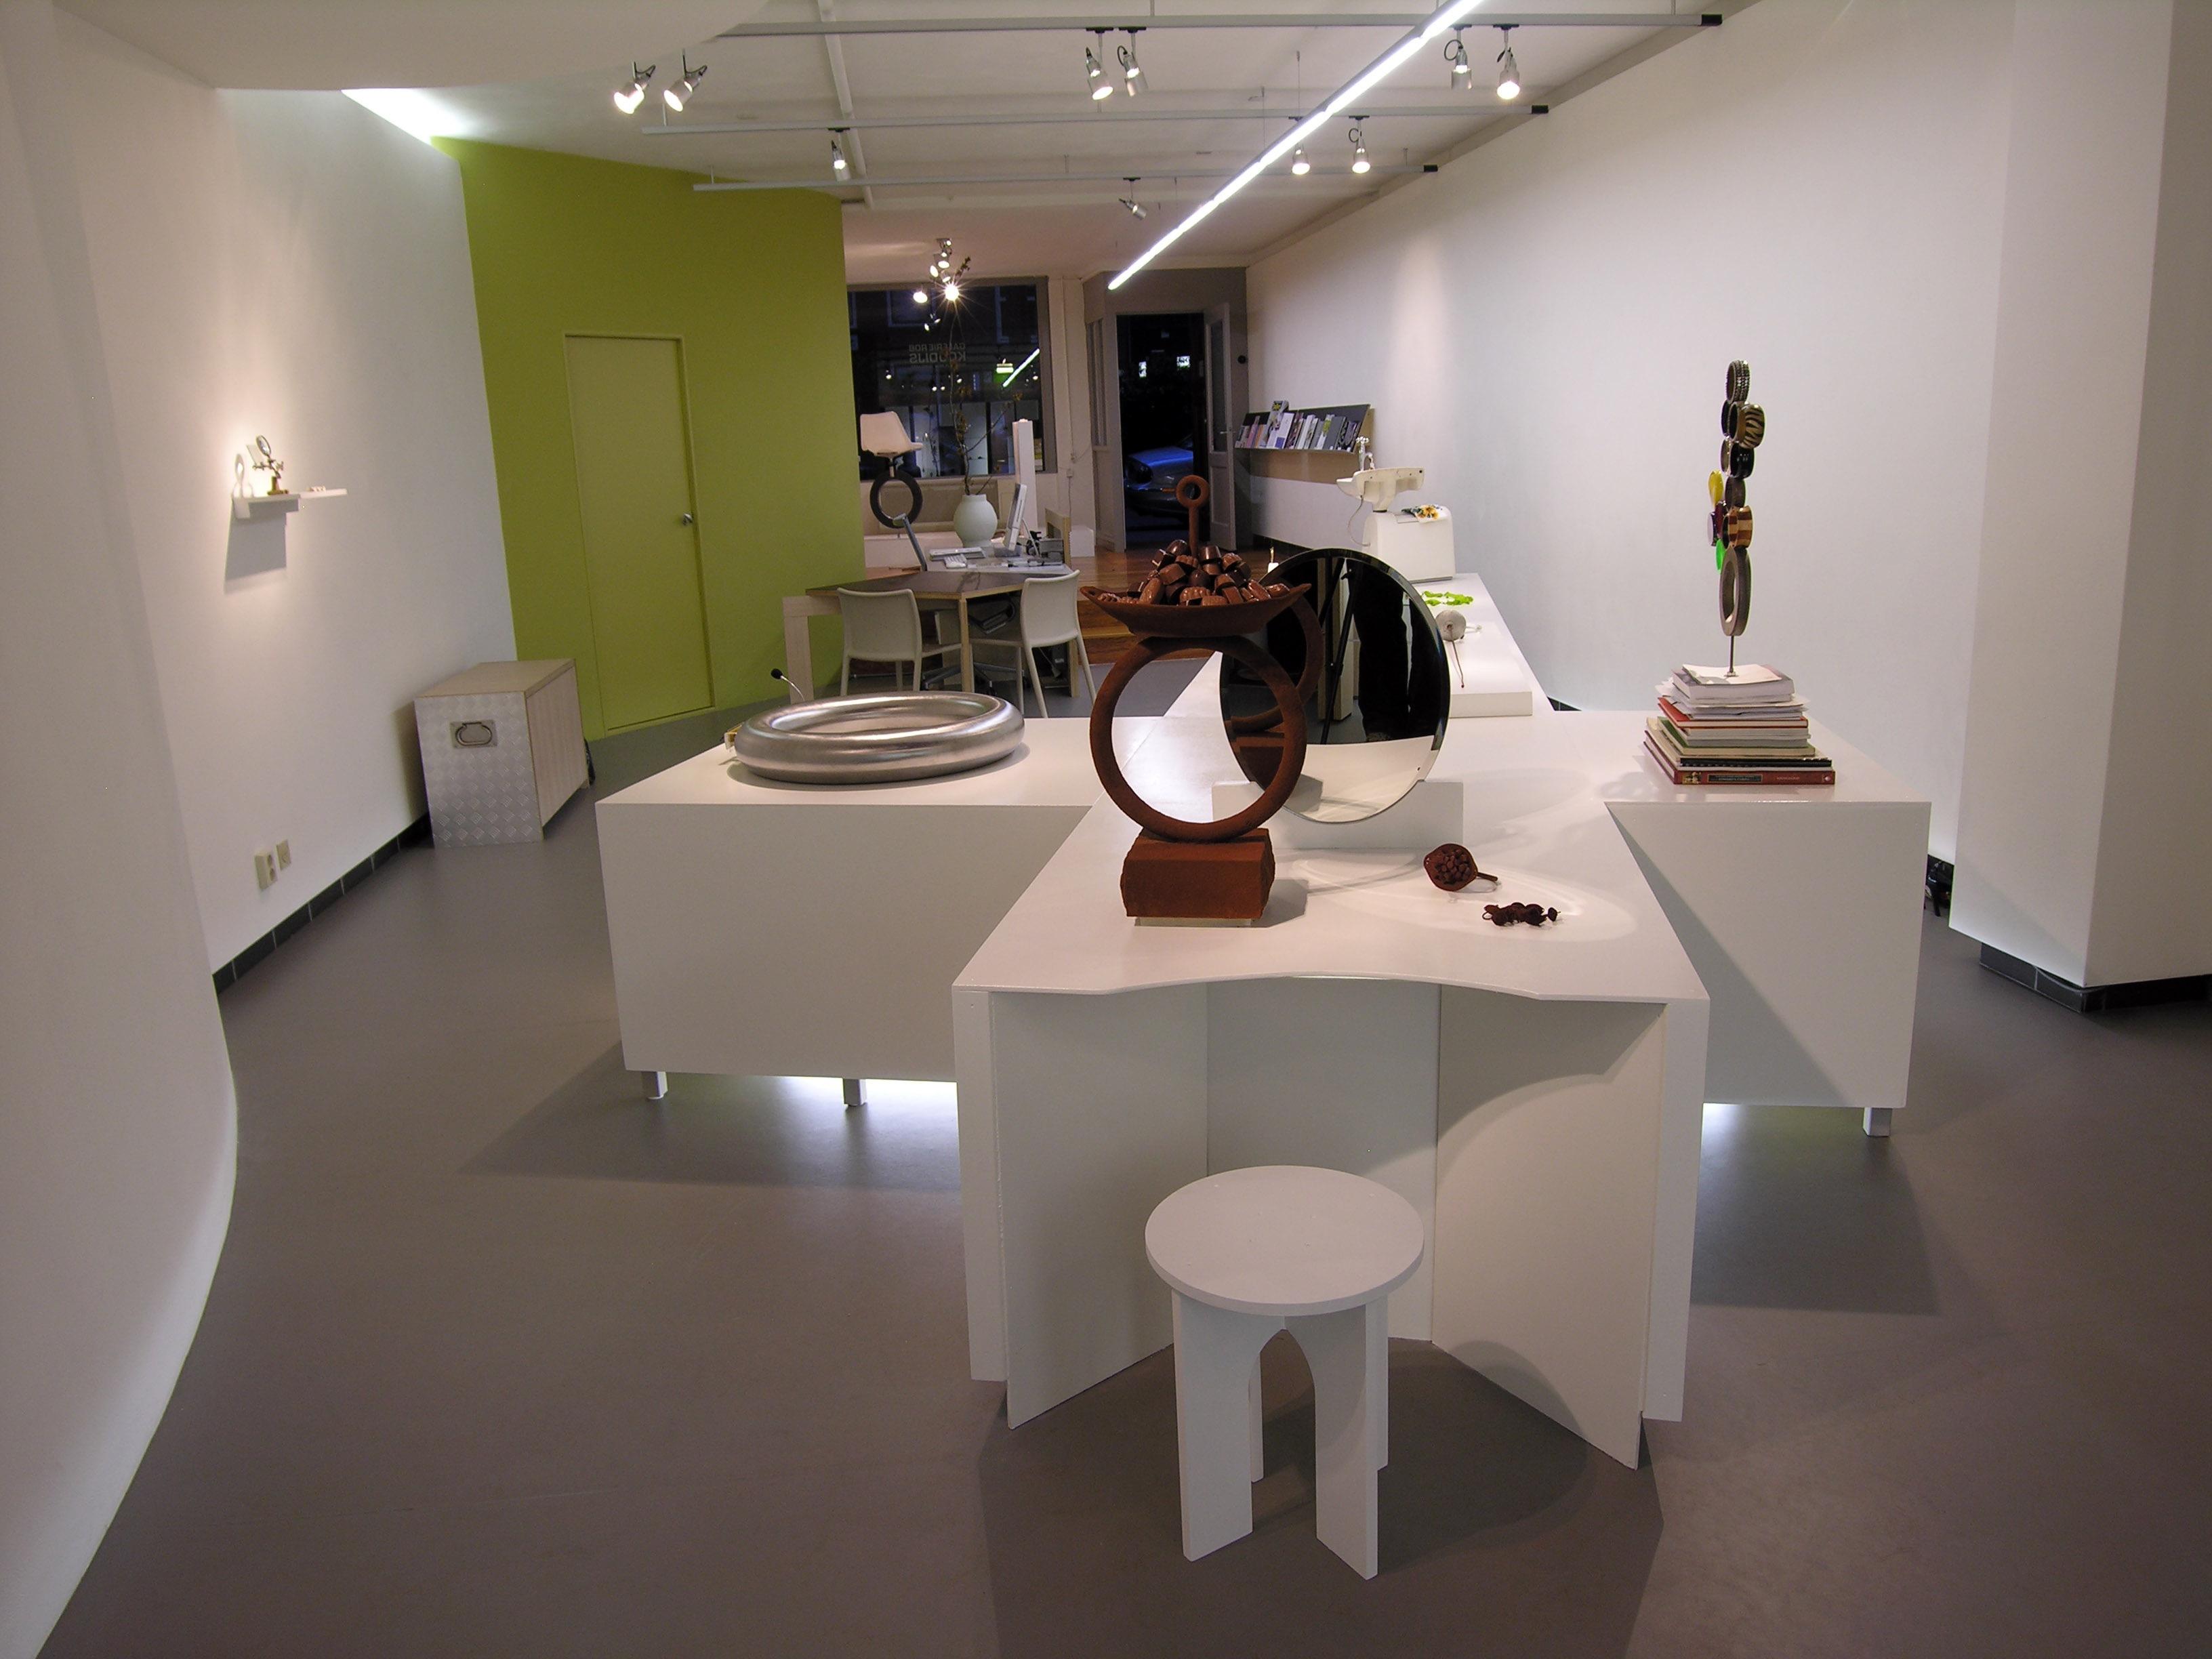 Ted Noten in Galerie Rob Koudijs, 2009, tentoonstelling, interieur